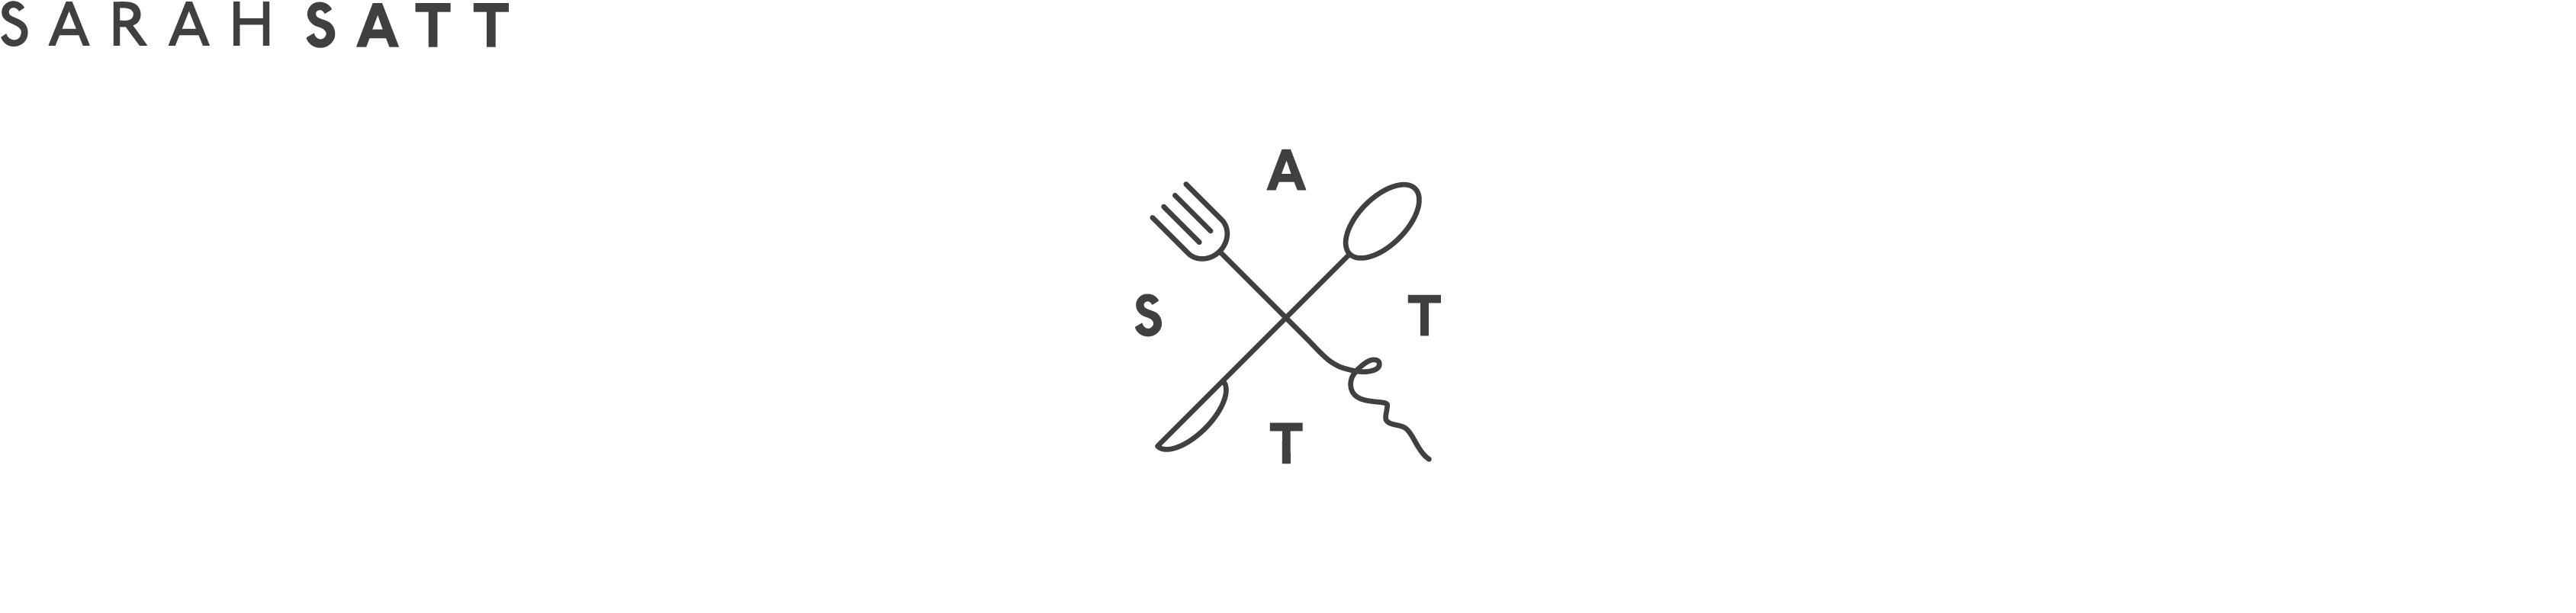 Sarah Satt | SATT GETEXTET e.U. - Der Appetit kommt beim Lesen |Text. Konzept. Redaktion.